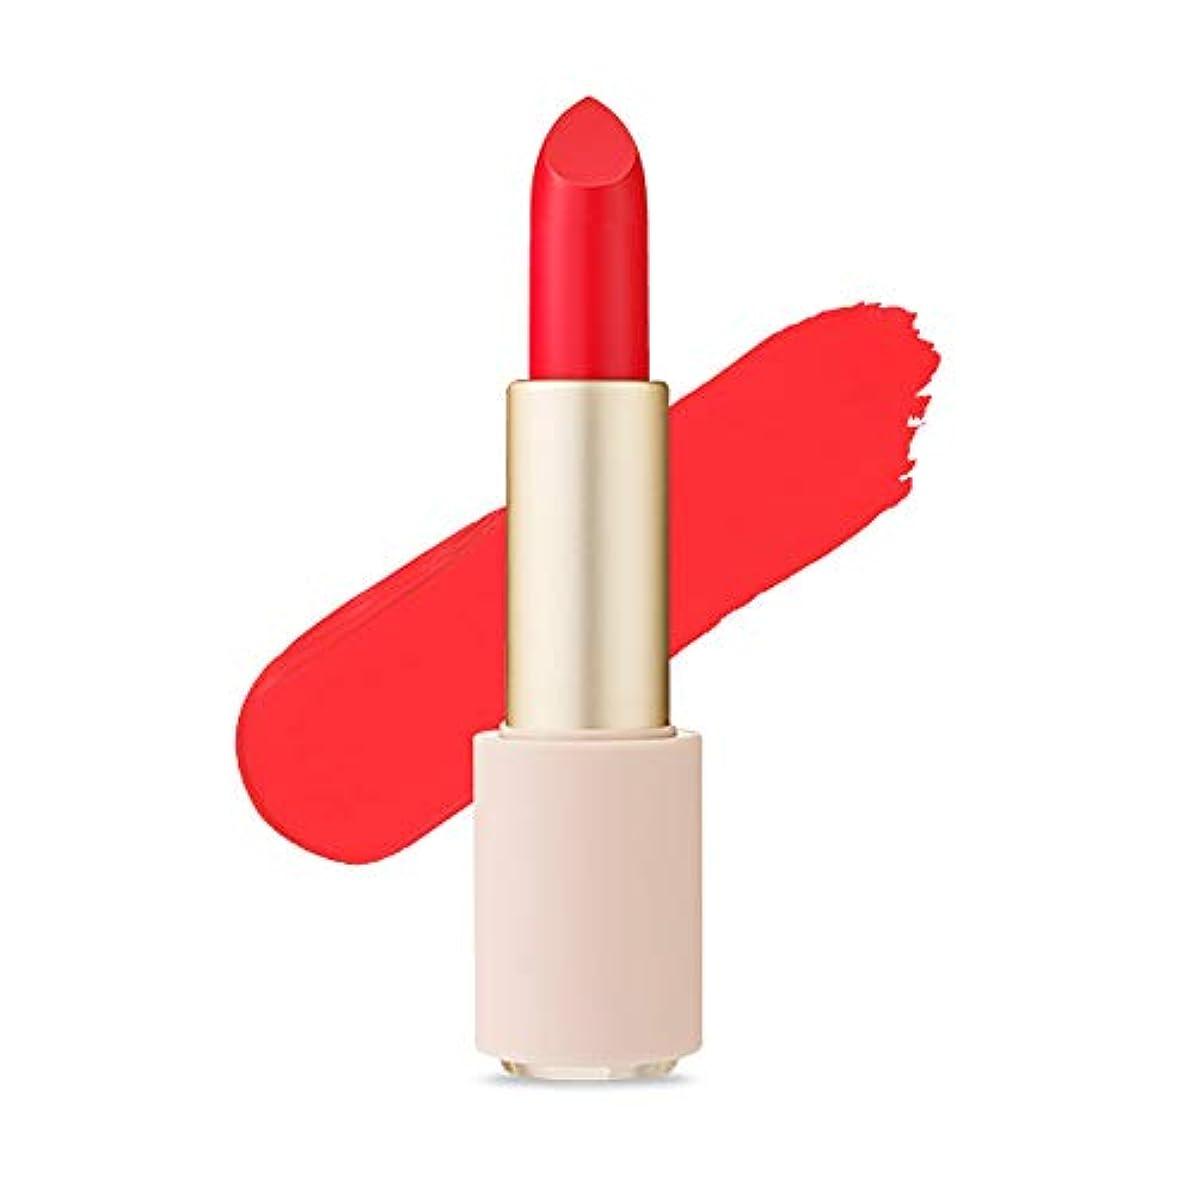 血色の良いシソーラス住所Etude House Better Lips Talk Velvet エチュードハウス ベター リップス - トーク ベルベット (# PK006 Visual Center) [並行輸入品]